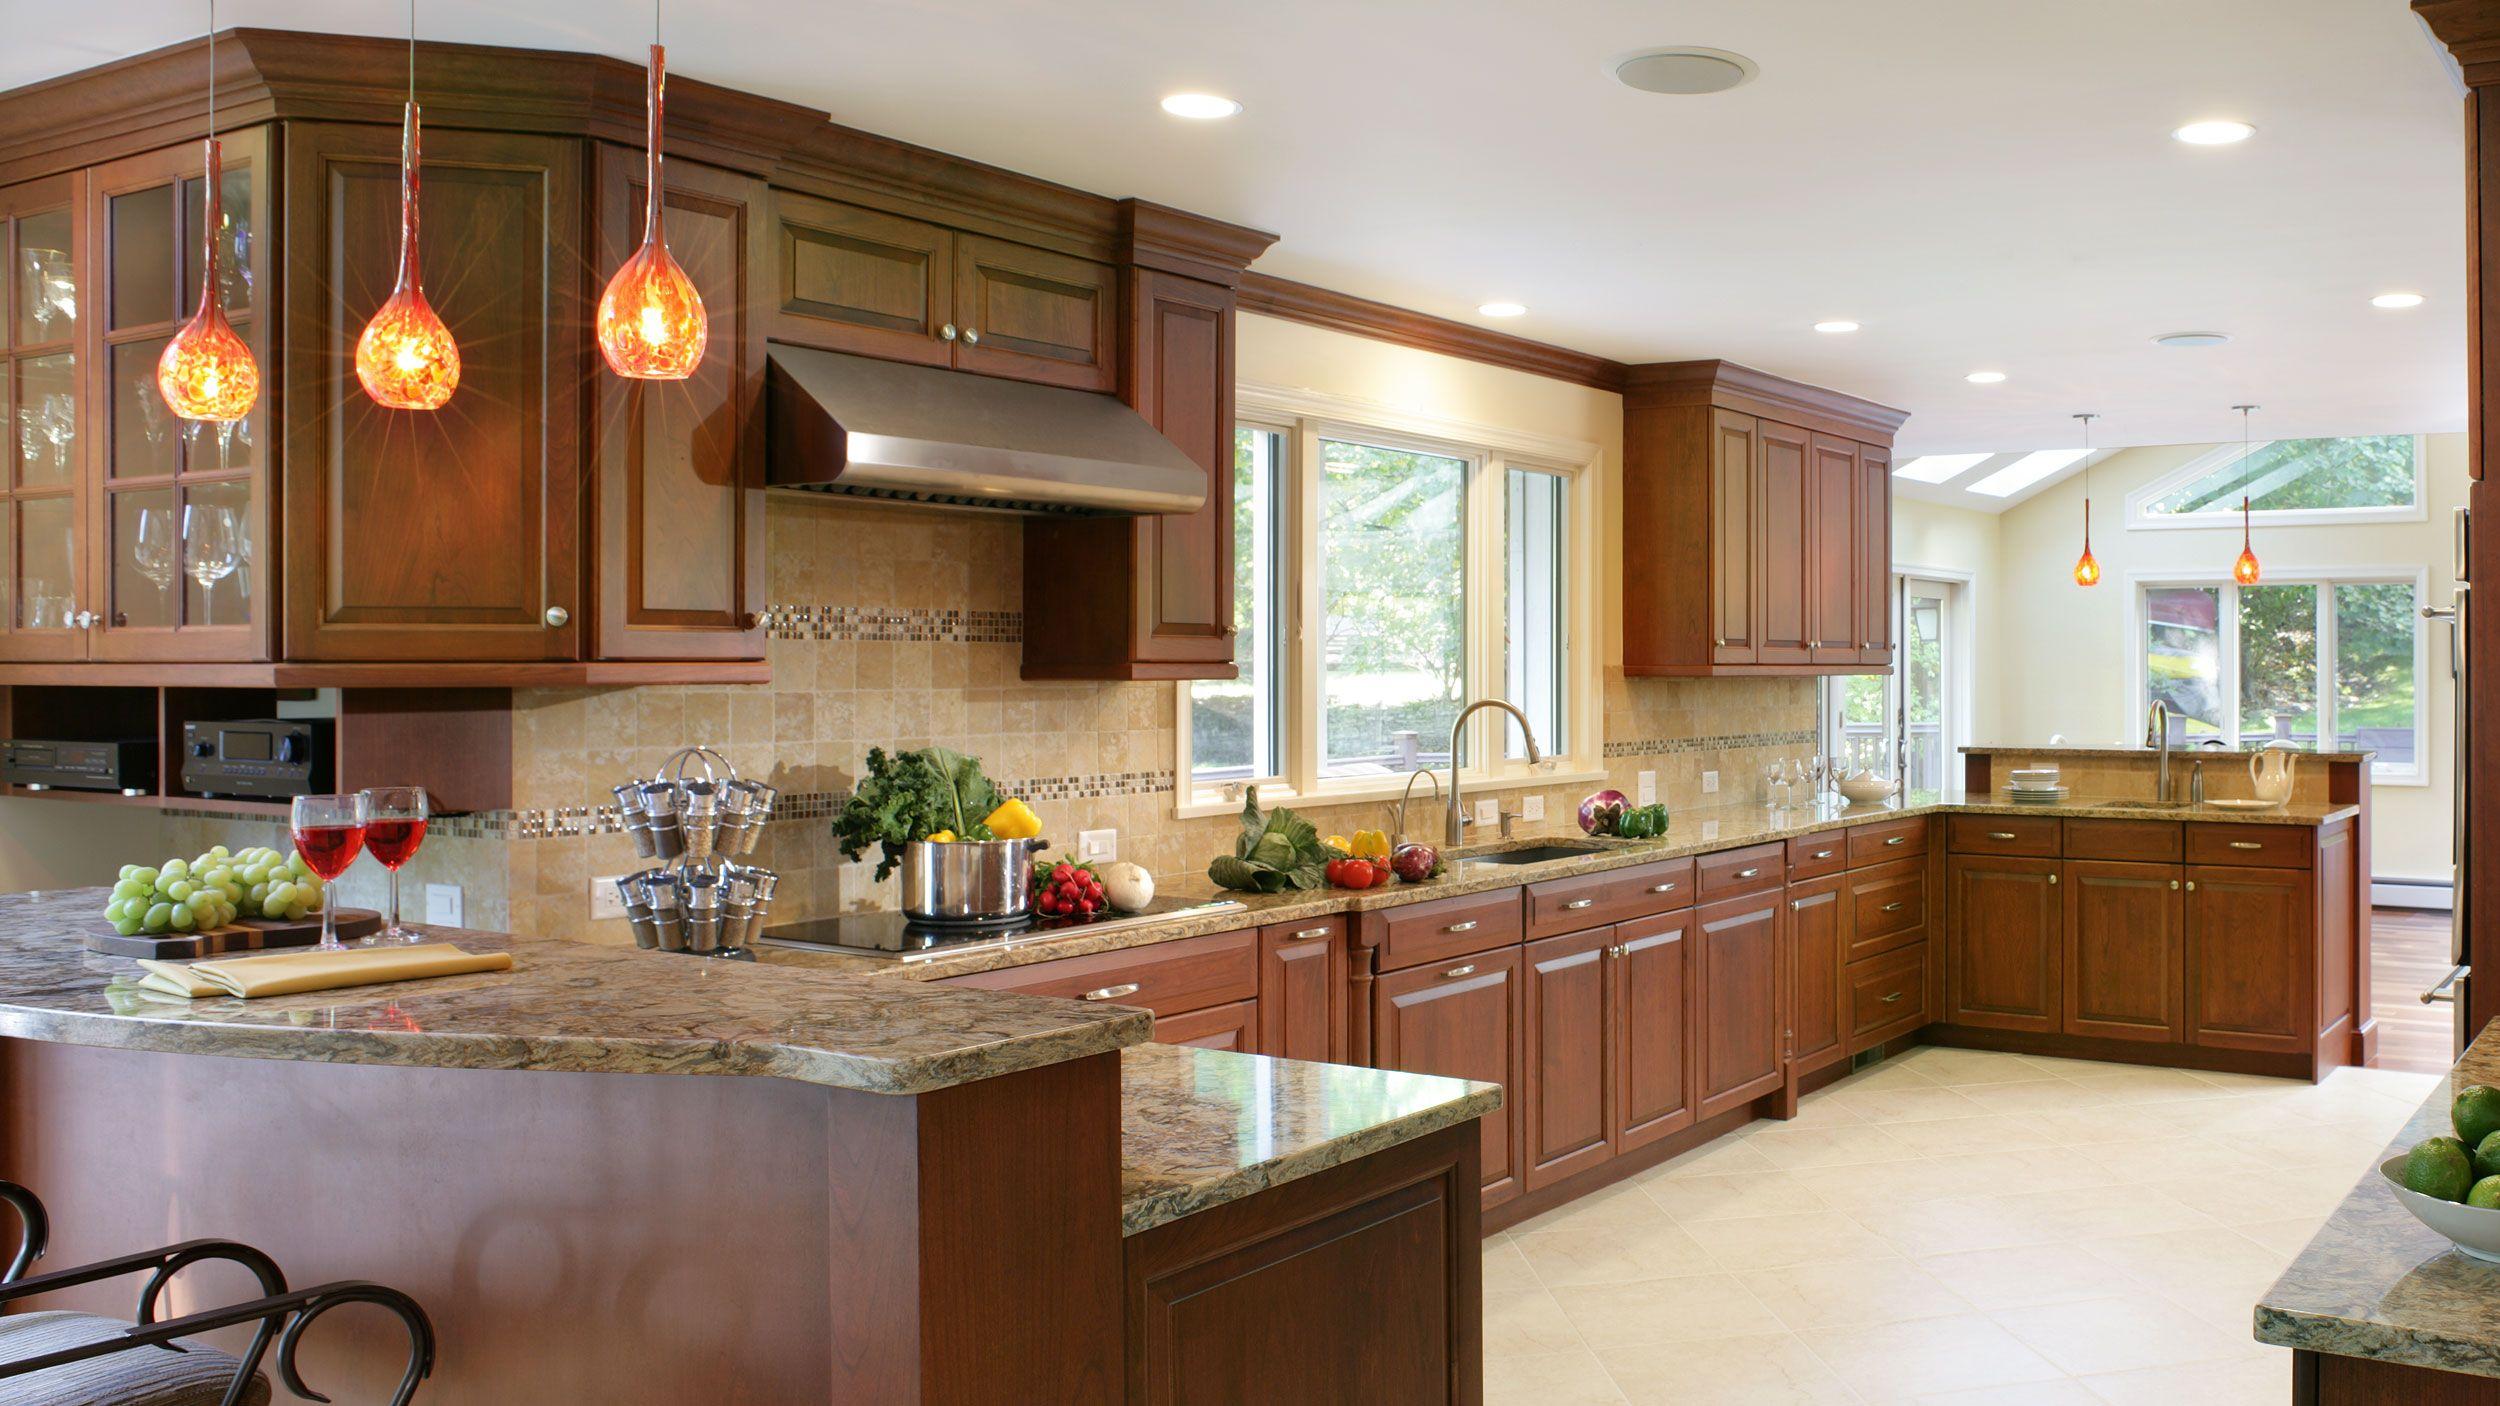 29+ Todays kitchen ideas in 2021